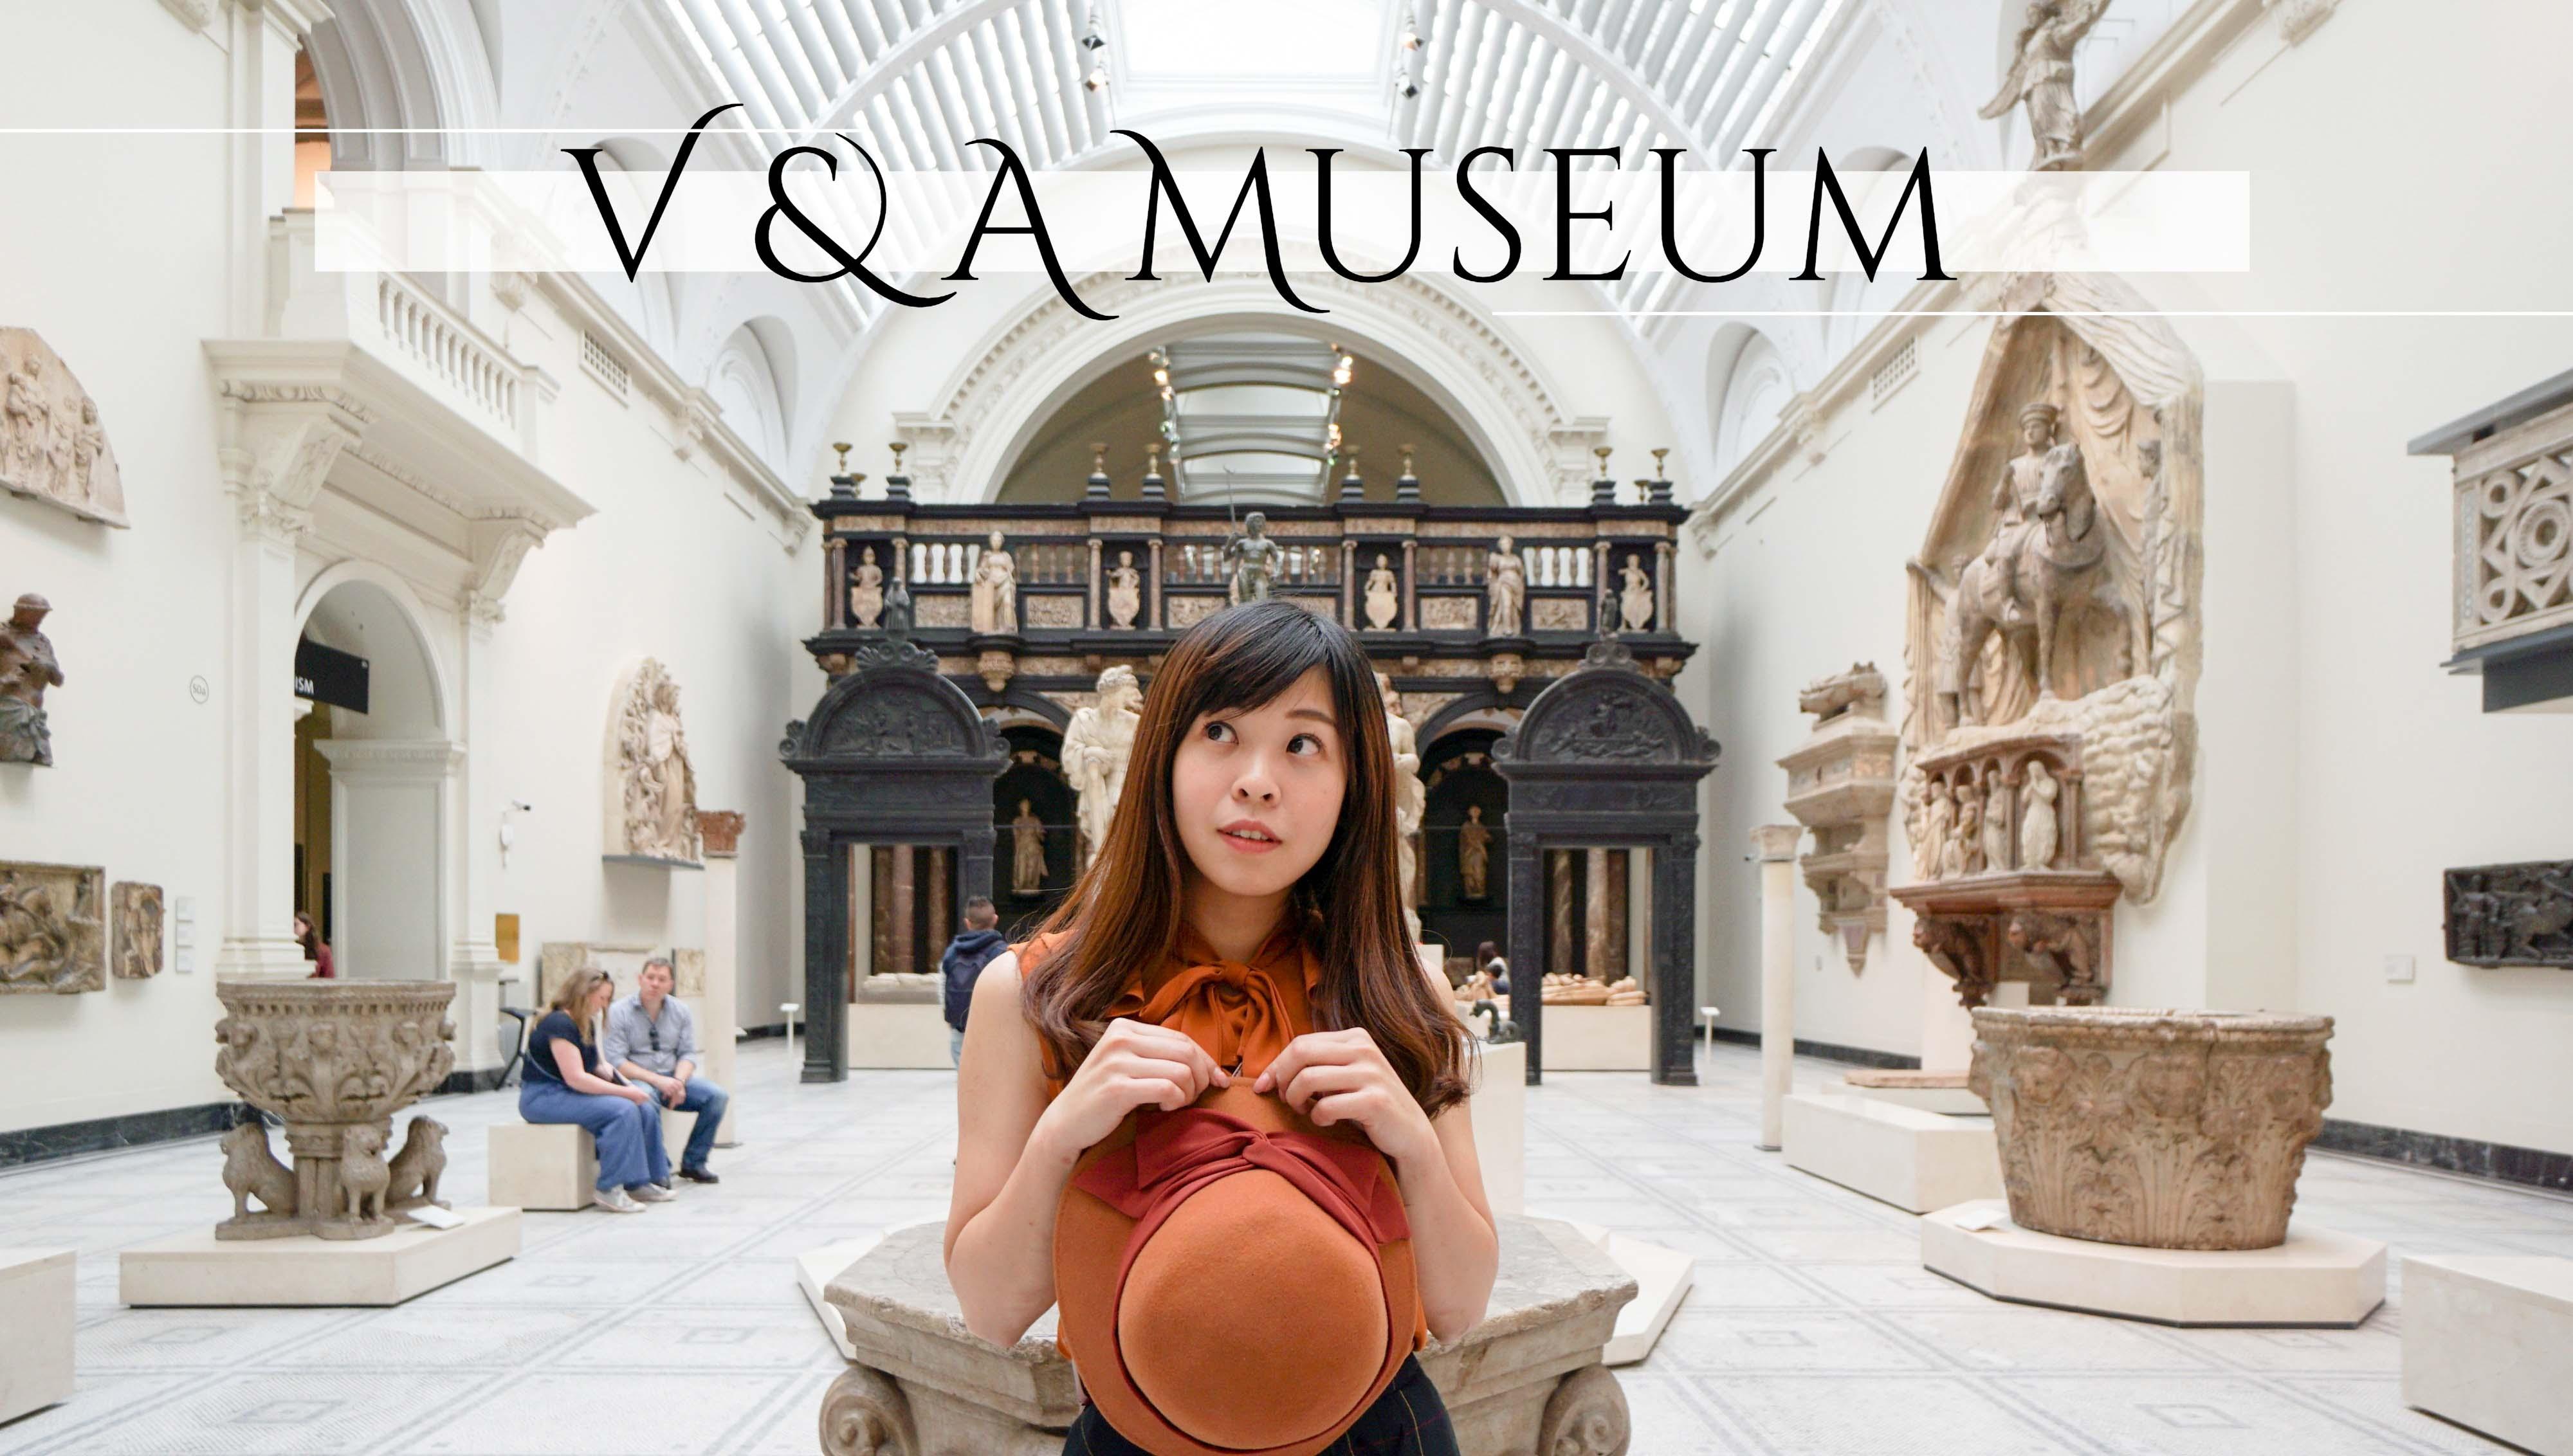 用五英鎊享受V&A museum博物館浪漫下午茶:我的第一顆正統英式司康在這裡!